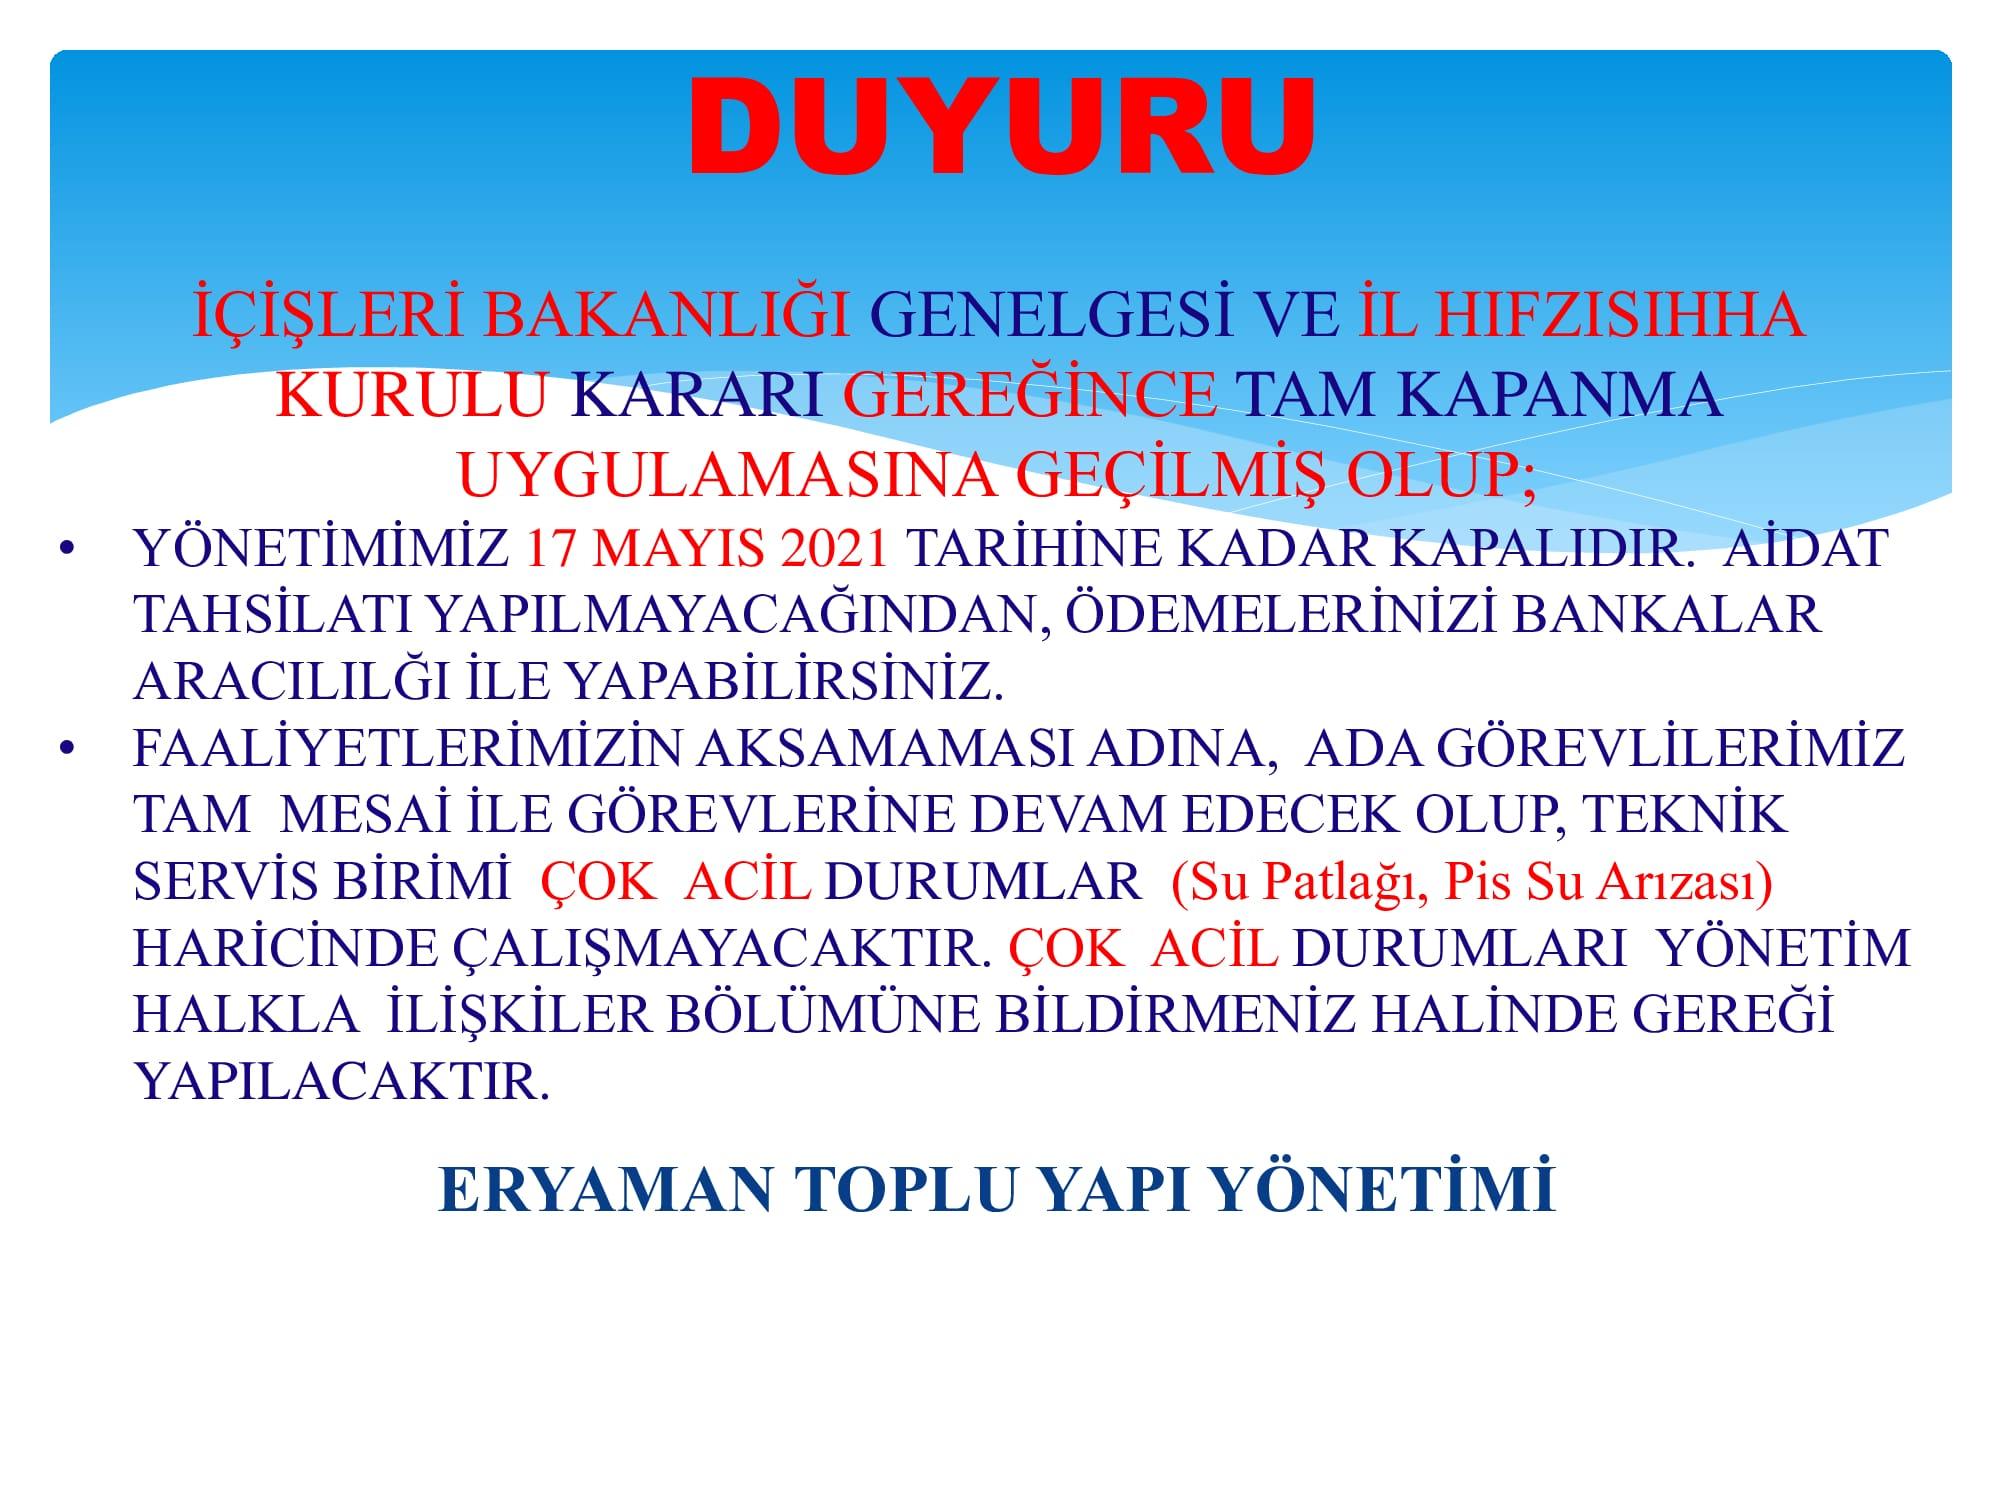 Anasayfa duyuru